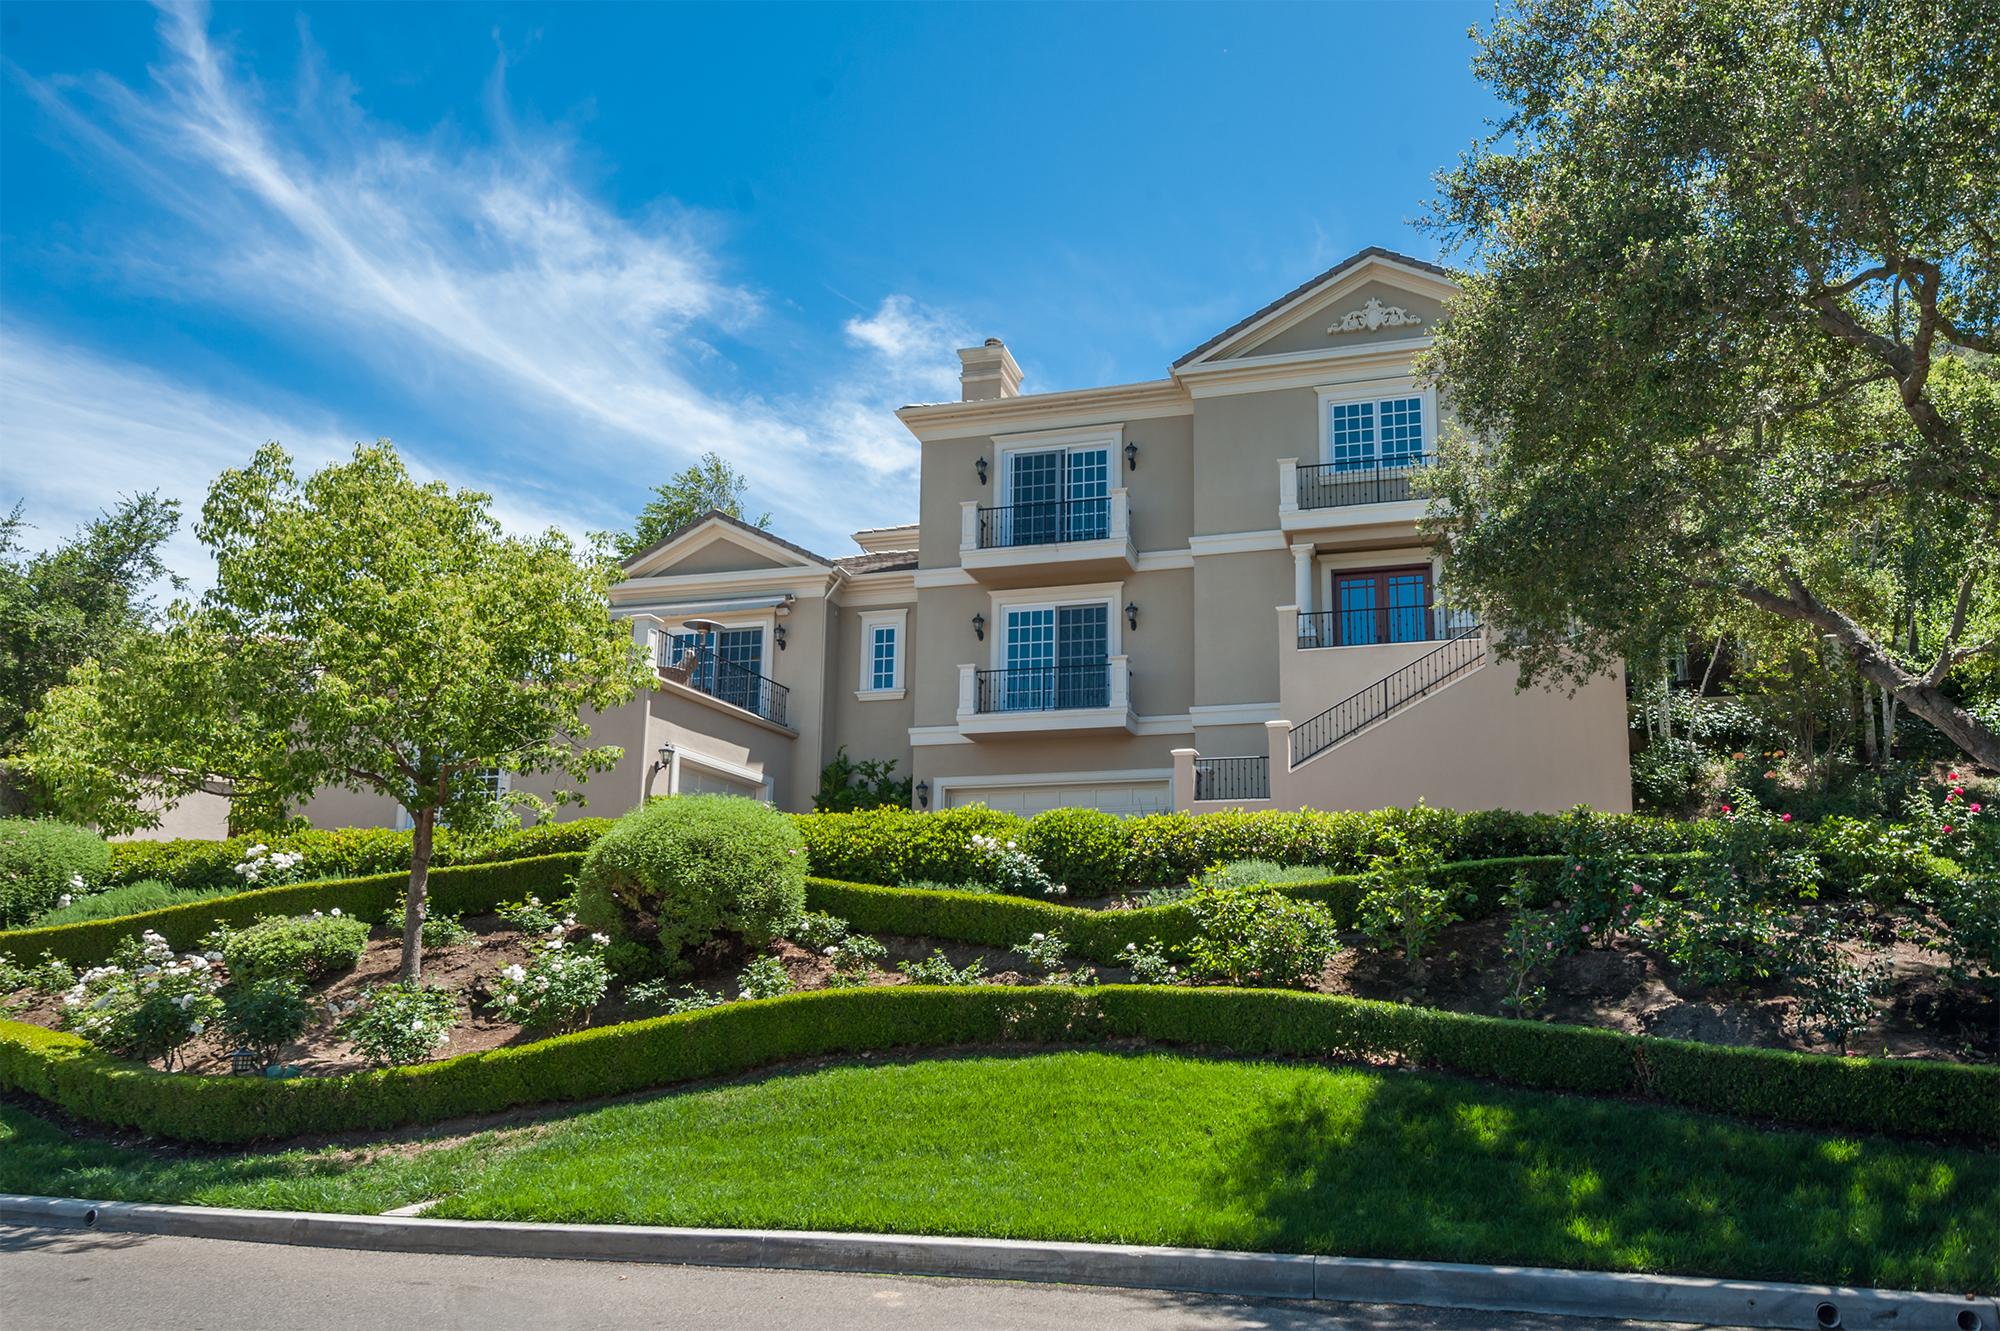 ... Properties - Nicki & Karen Southern California Luxury Real Estate